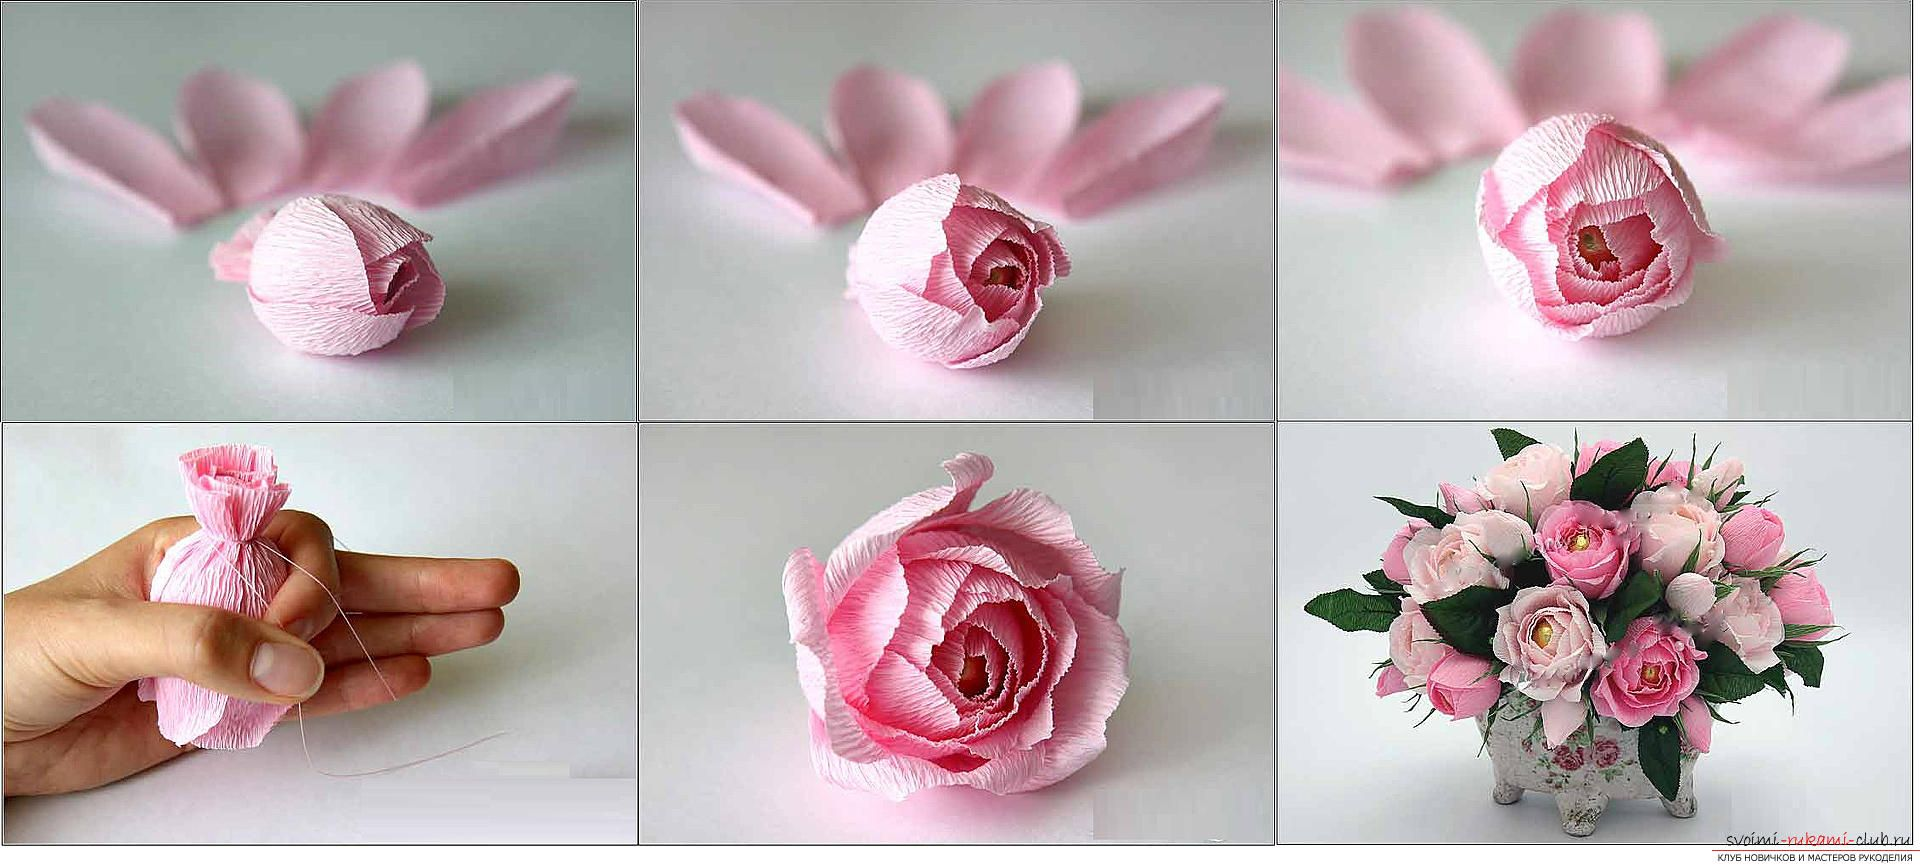 Пошаговая инструкция роз из гофрированной бумаги